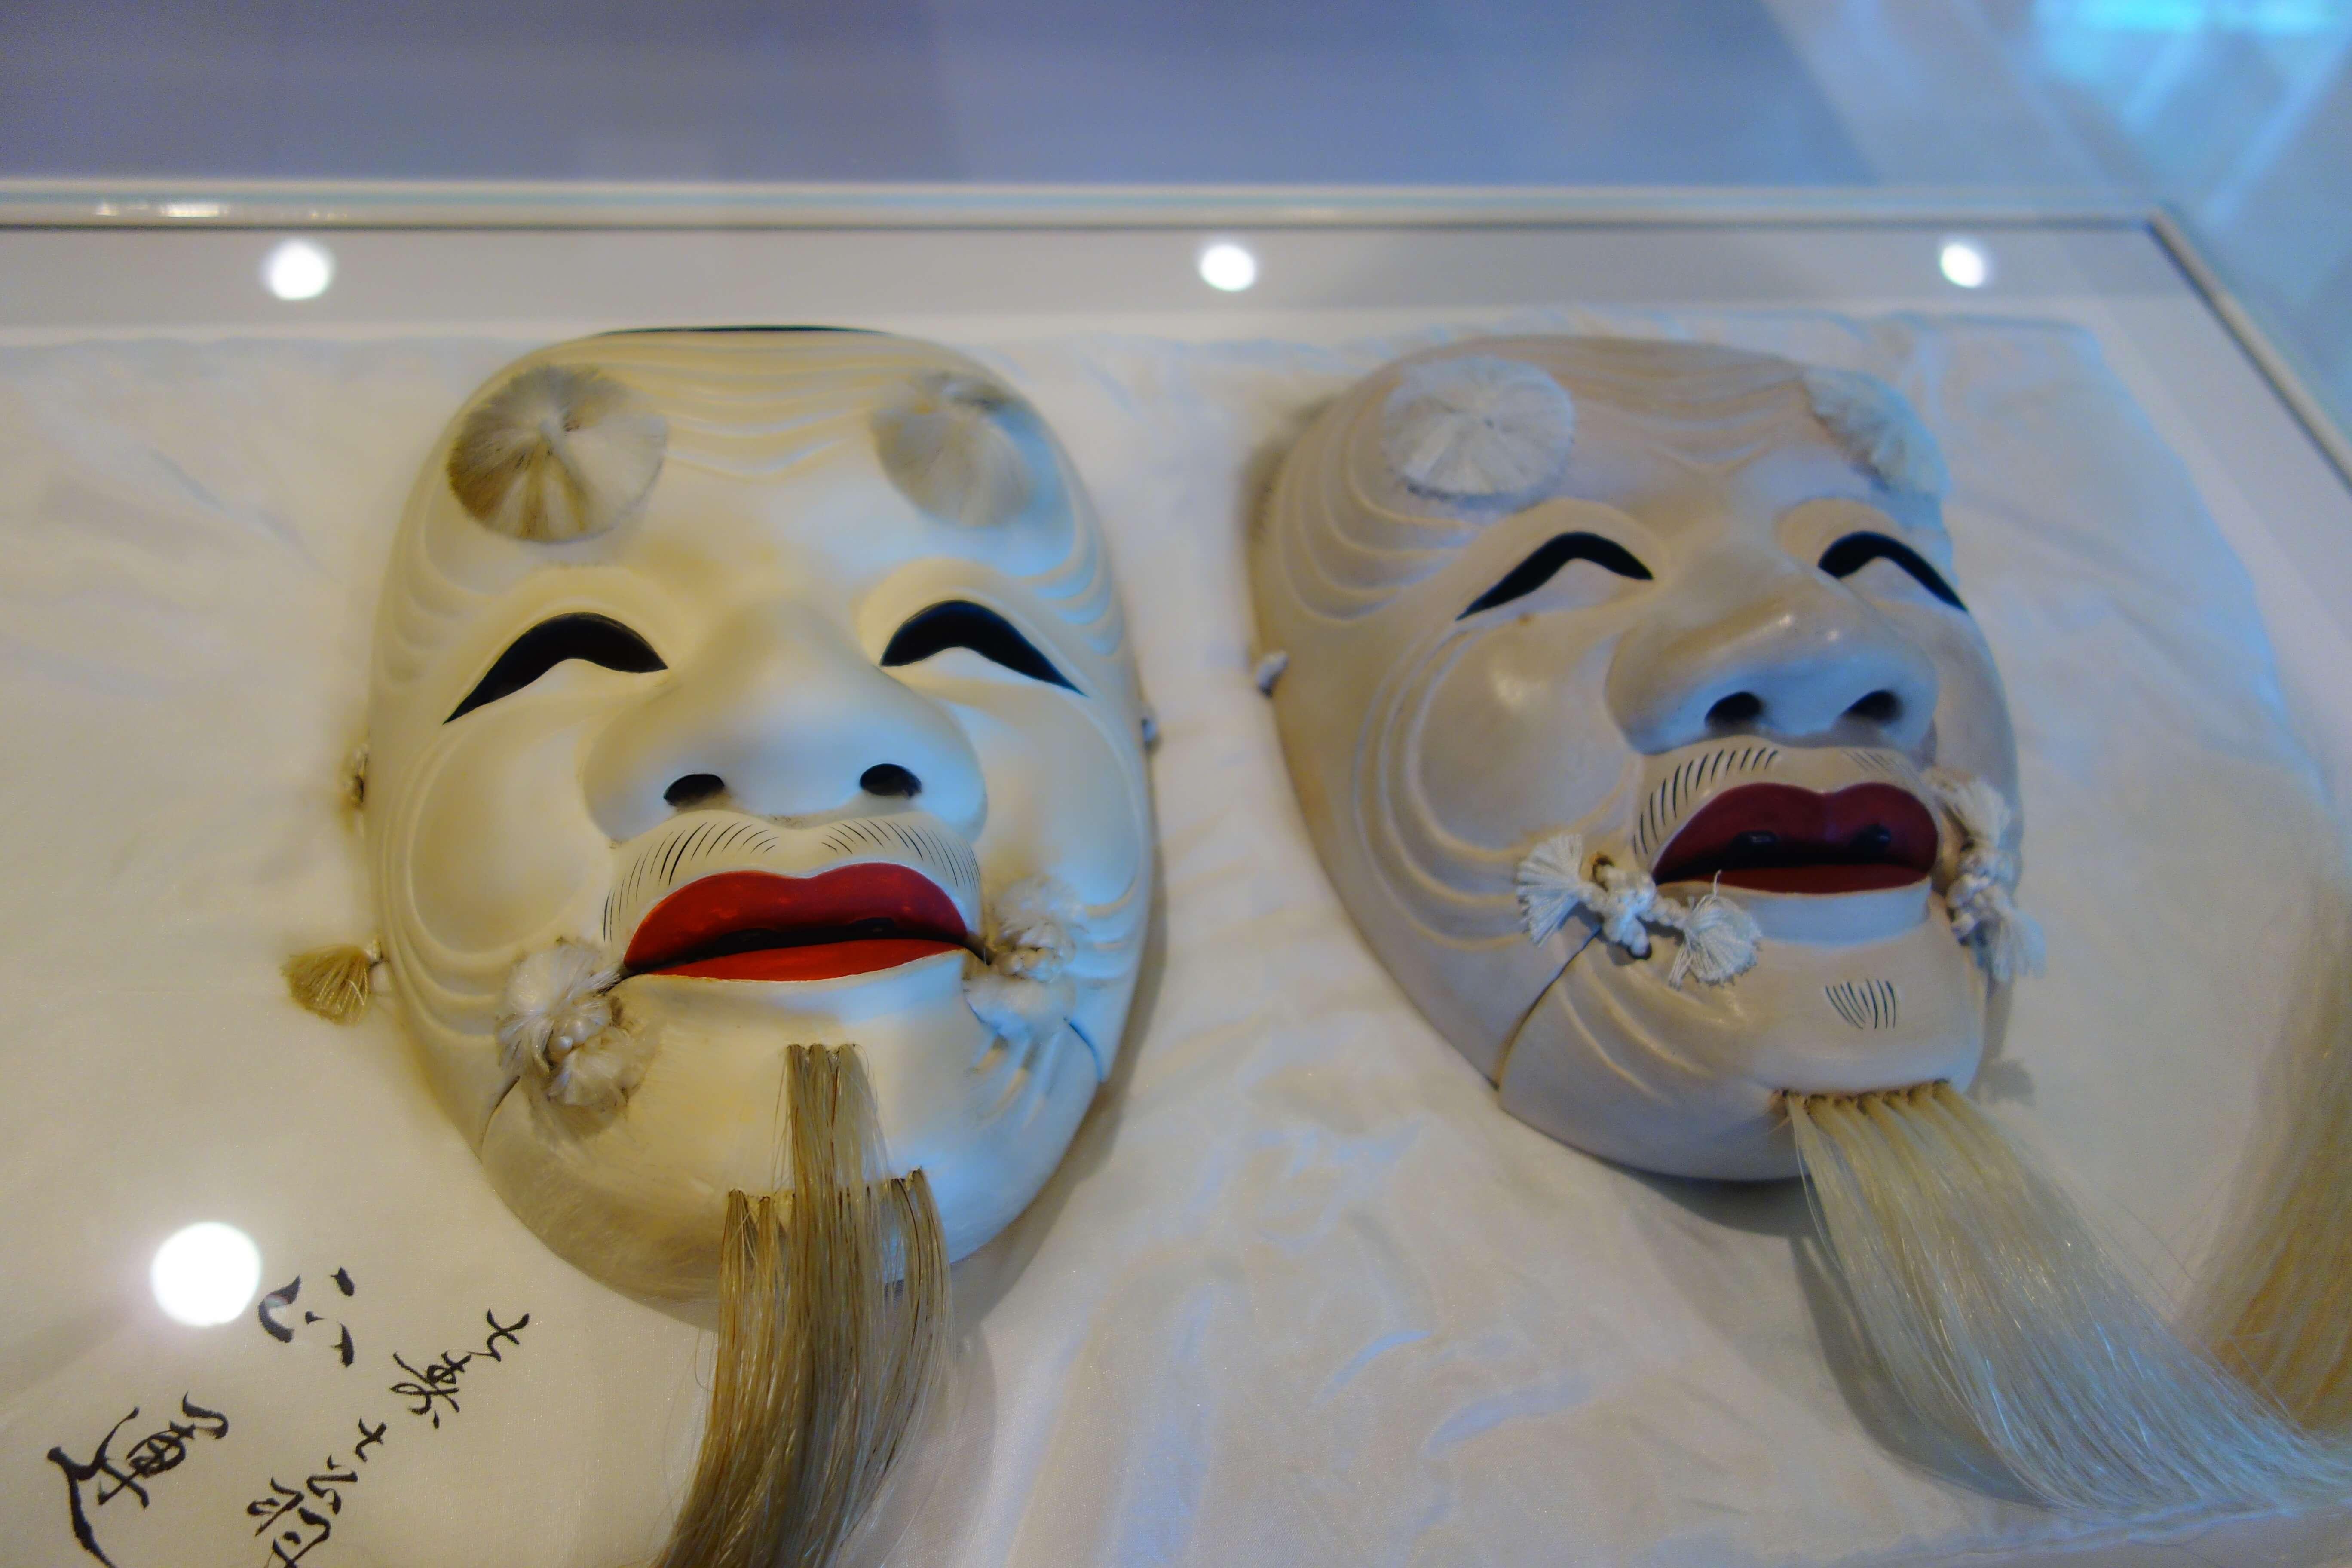 金沢能楽美術館|金沢市で能面と能装束を体験!金沢の歴史を肌で触れよう